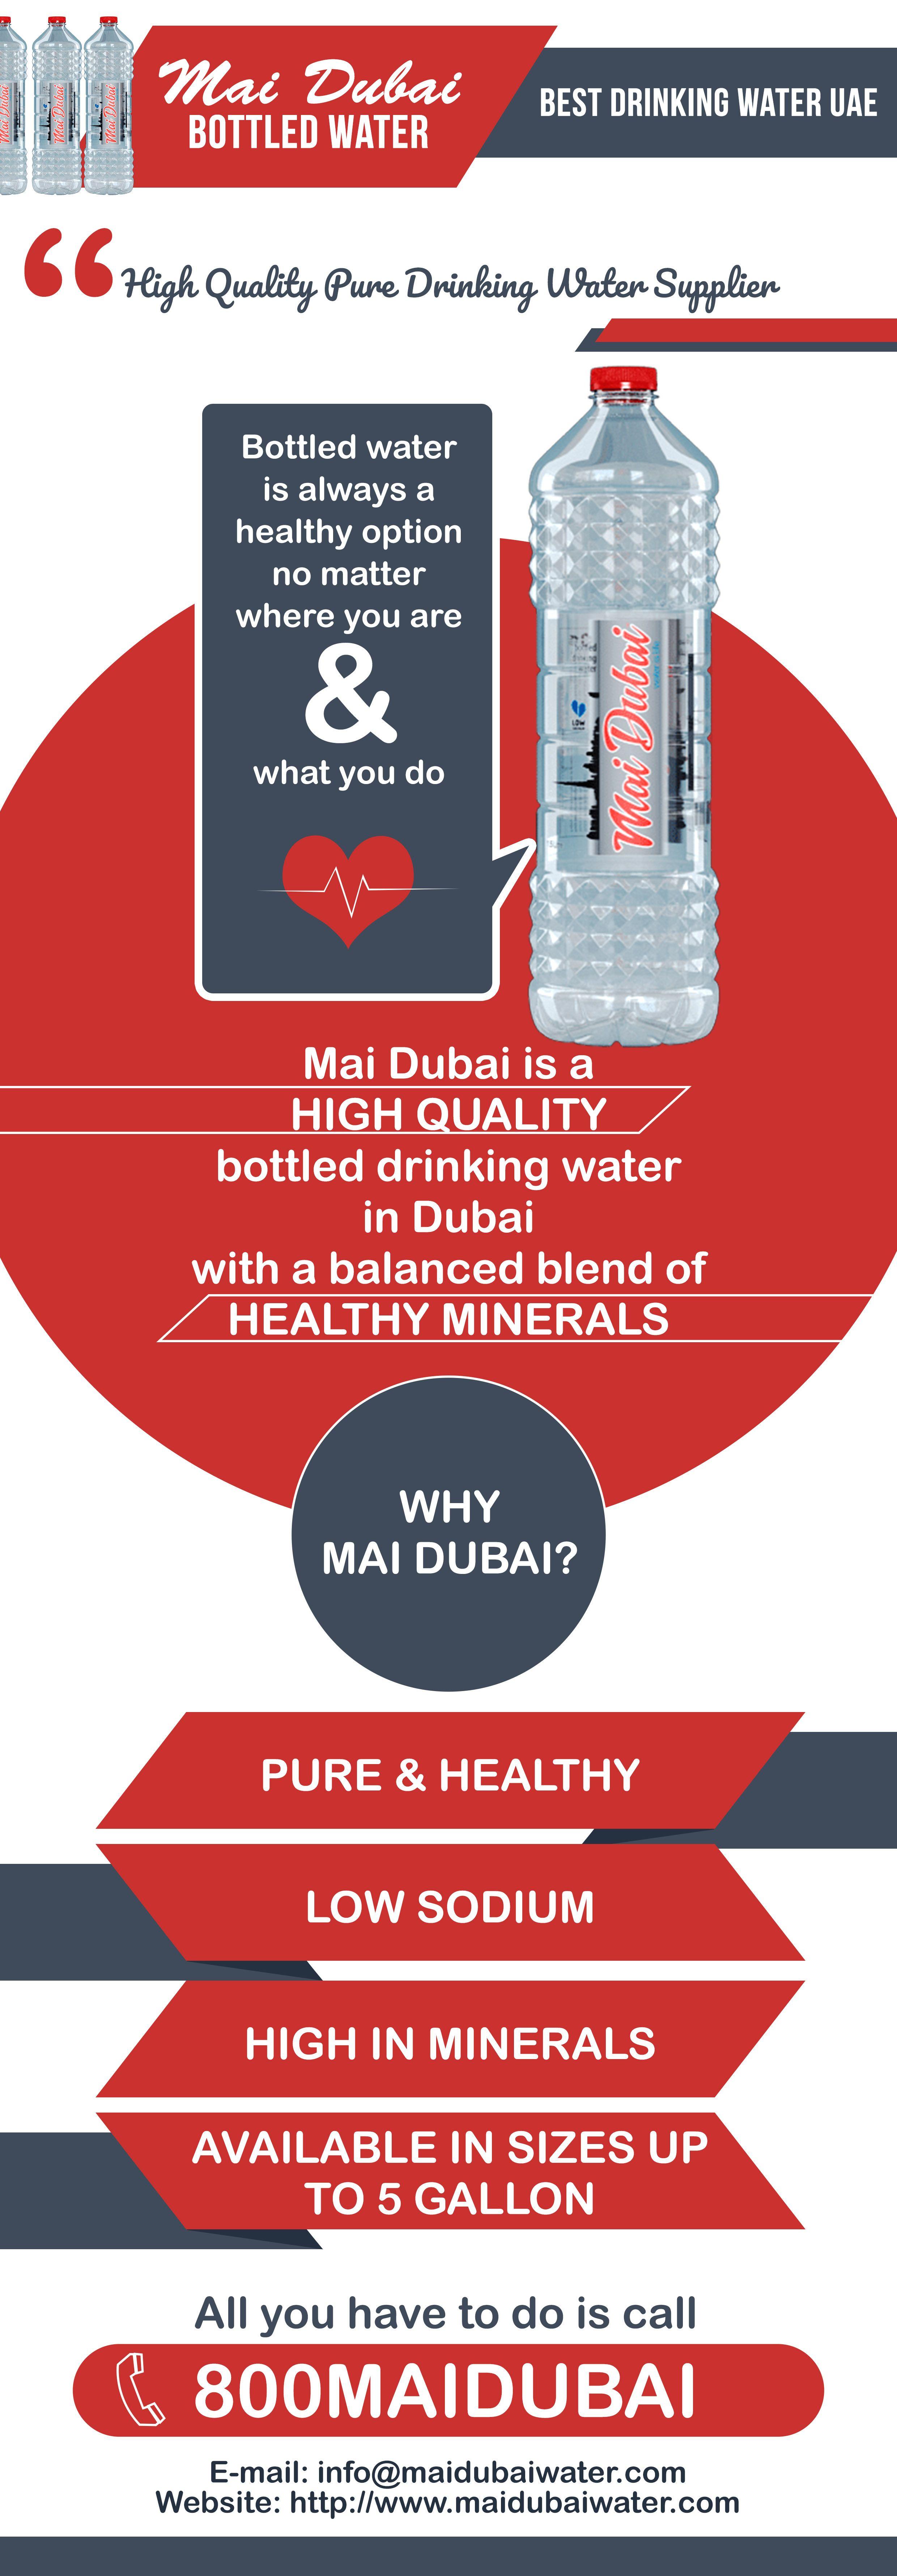 Pin by Joe McVey on Bottled Drinking Water in Dubai | Drinking water